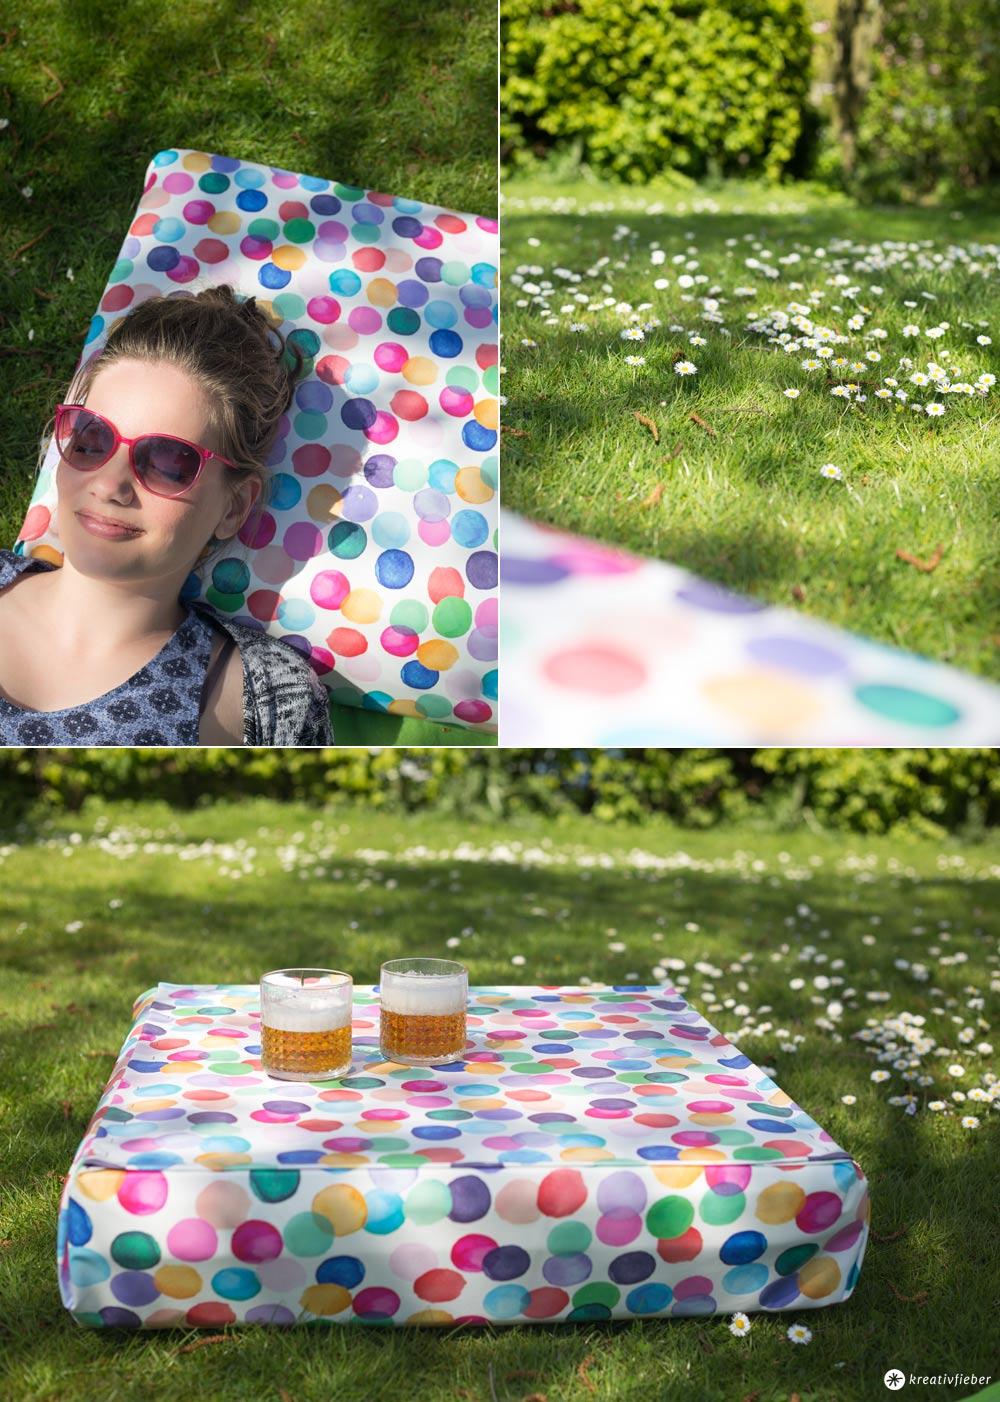 DIY Gartenkissen - als Kissen oder Tisch nutzbar - Schritt für Schritt Anleitung